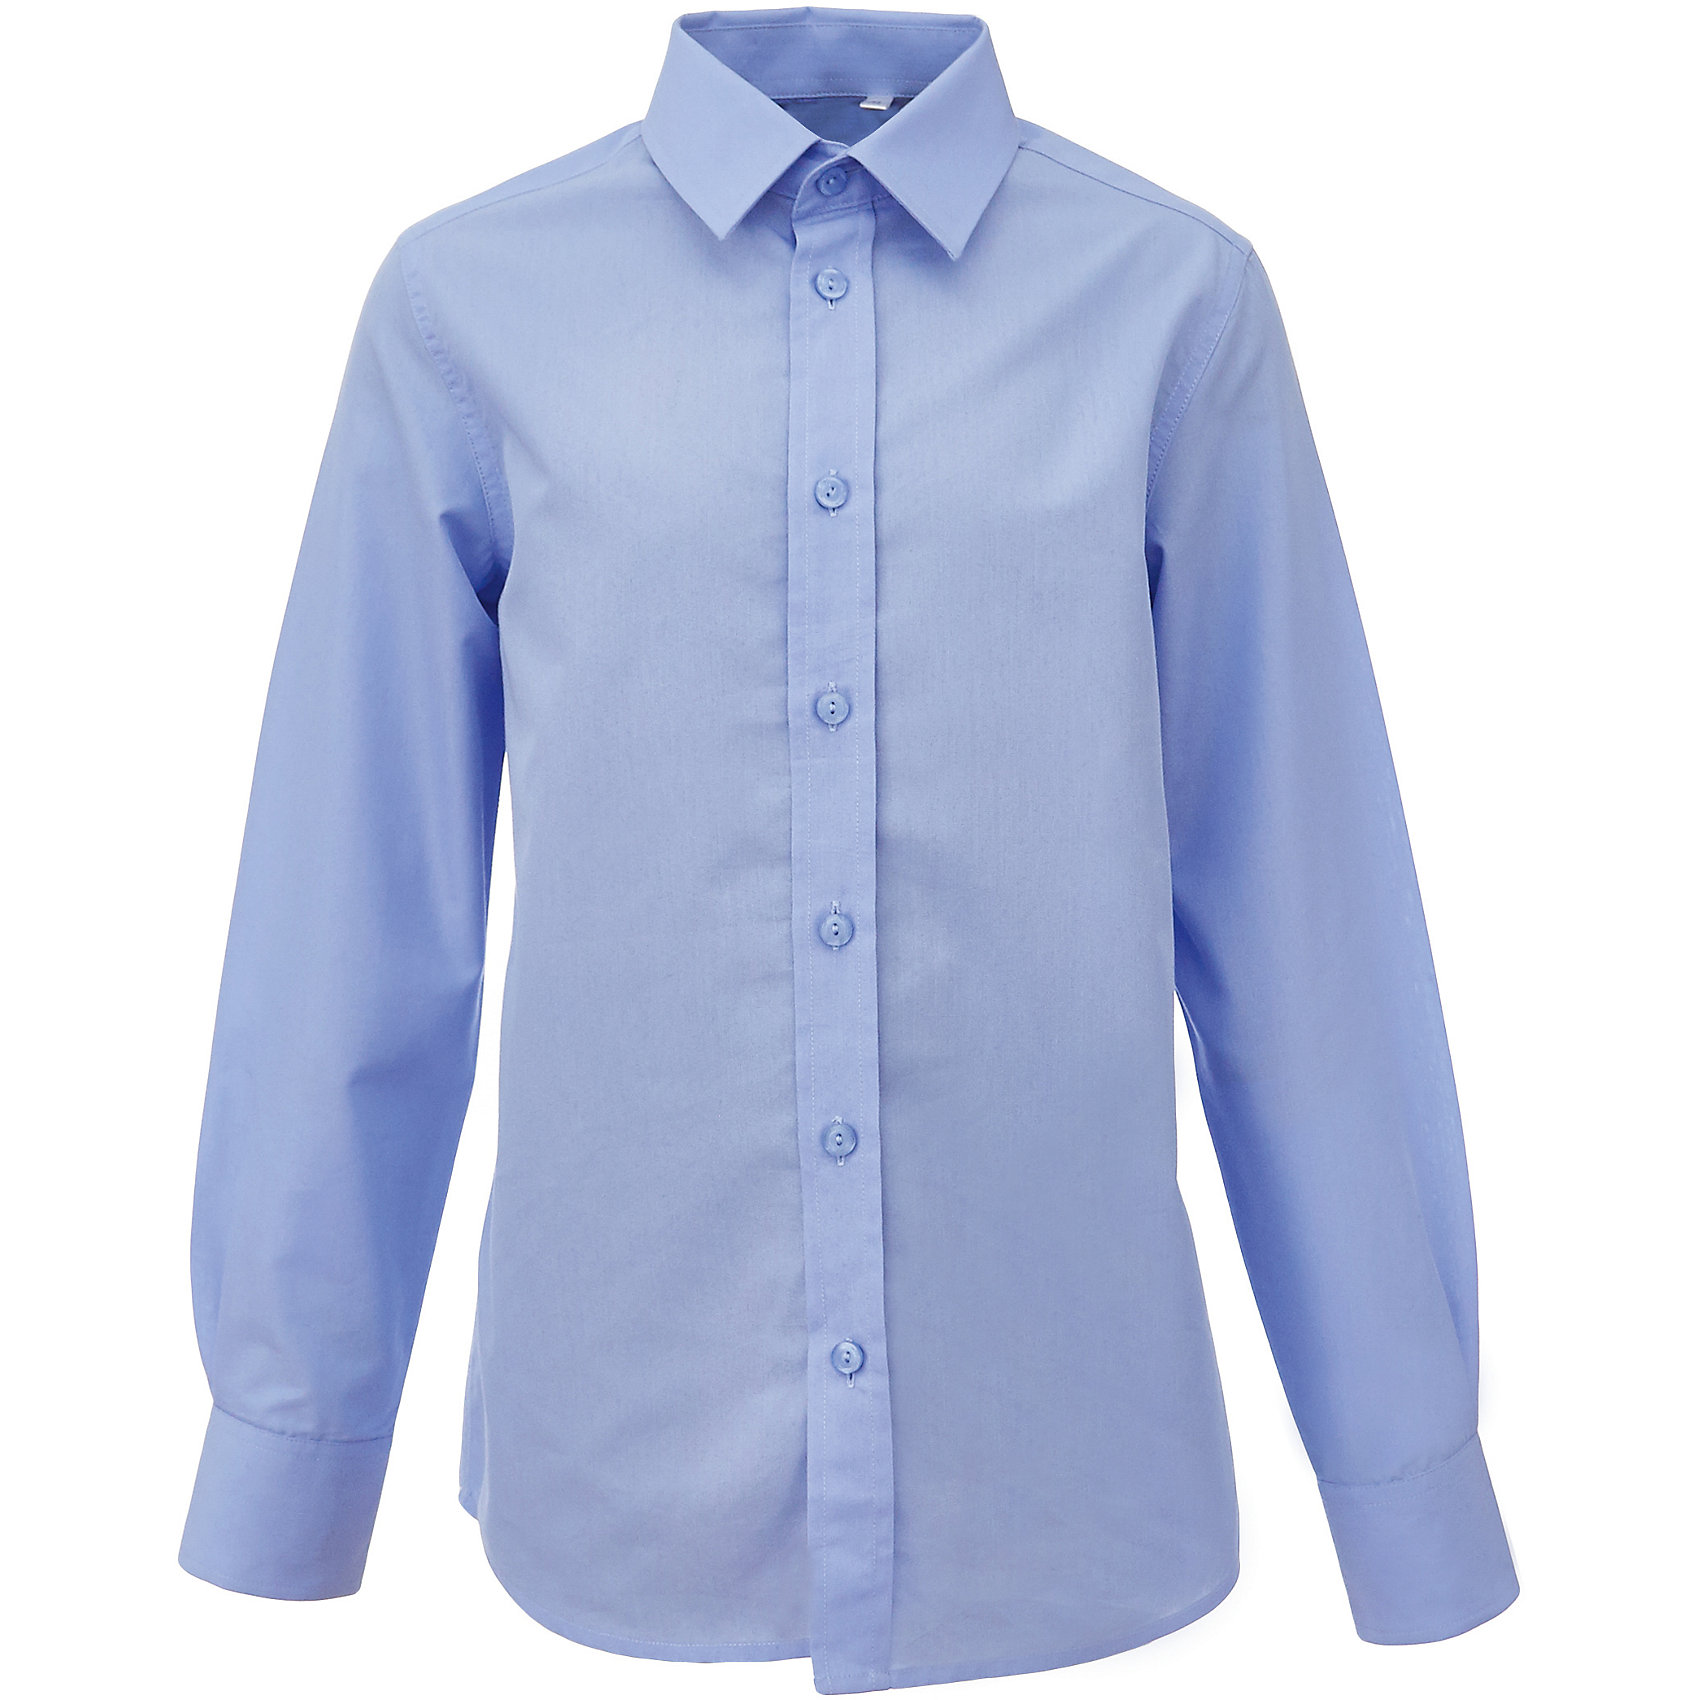 Рубашка для мальчика GulliverБлузки и рубашки<br>Голубая школьная рубашка - классика жанра! Строгая, лаконичная, элегантная, голубая рубашка для школы настроит на серьезный и ответственный подход к делу. Хороший состав, качество и текстура ткани, модный силуэт, актуальная форма воротника делают рубашку отличным решением на каждый день, позволяющим ребенку чувствовать себя уверенно и достойно. Если вы хотите купить рубашку для ежедневного комфорта и отличного внешнего вида ребенка, детская рубашка от Gulliver- лучшее решение. Она сделает образ ученика стильным, свежим, интересным.<br>Состав:<br>80% хлопок          20% полиэстер<br><br>Ширина мм: 174<br>Глубина мм: 10<br>Высота мм: 169<br>Вес г: 157<br>Цвет: голубой<br>Возраст от месяцев: 96<br>Возраст до месяцев: 108<br>Пол: Мужской<br>Возраст: Детский<br>Размер: 134,140,146,170,152,158,164,128,122<br>SKU: 6678266